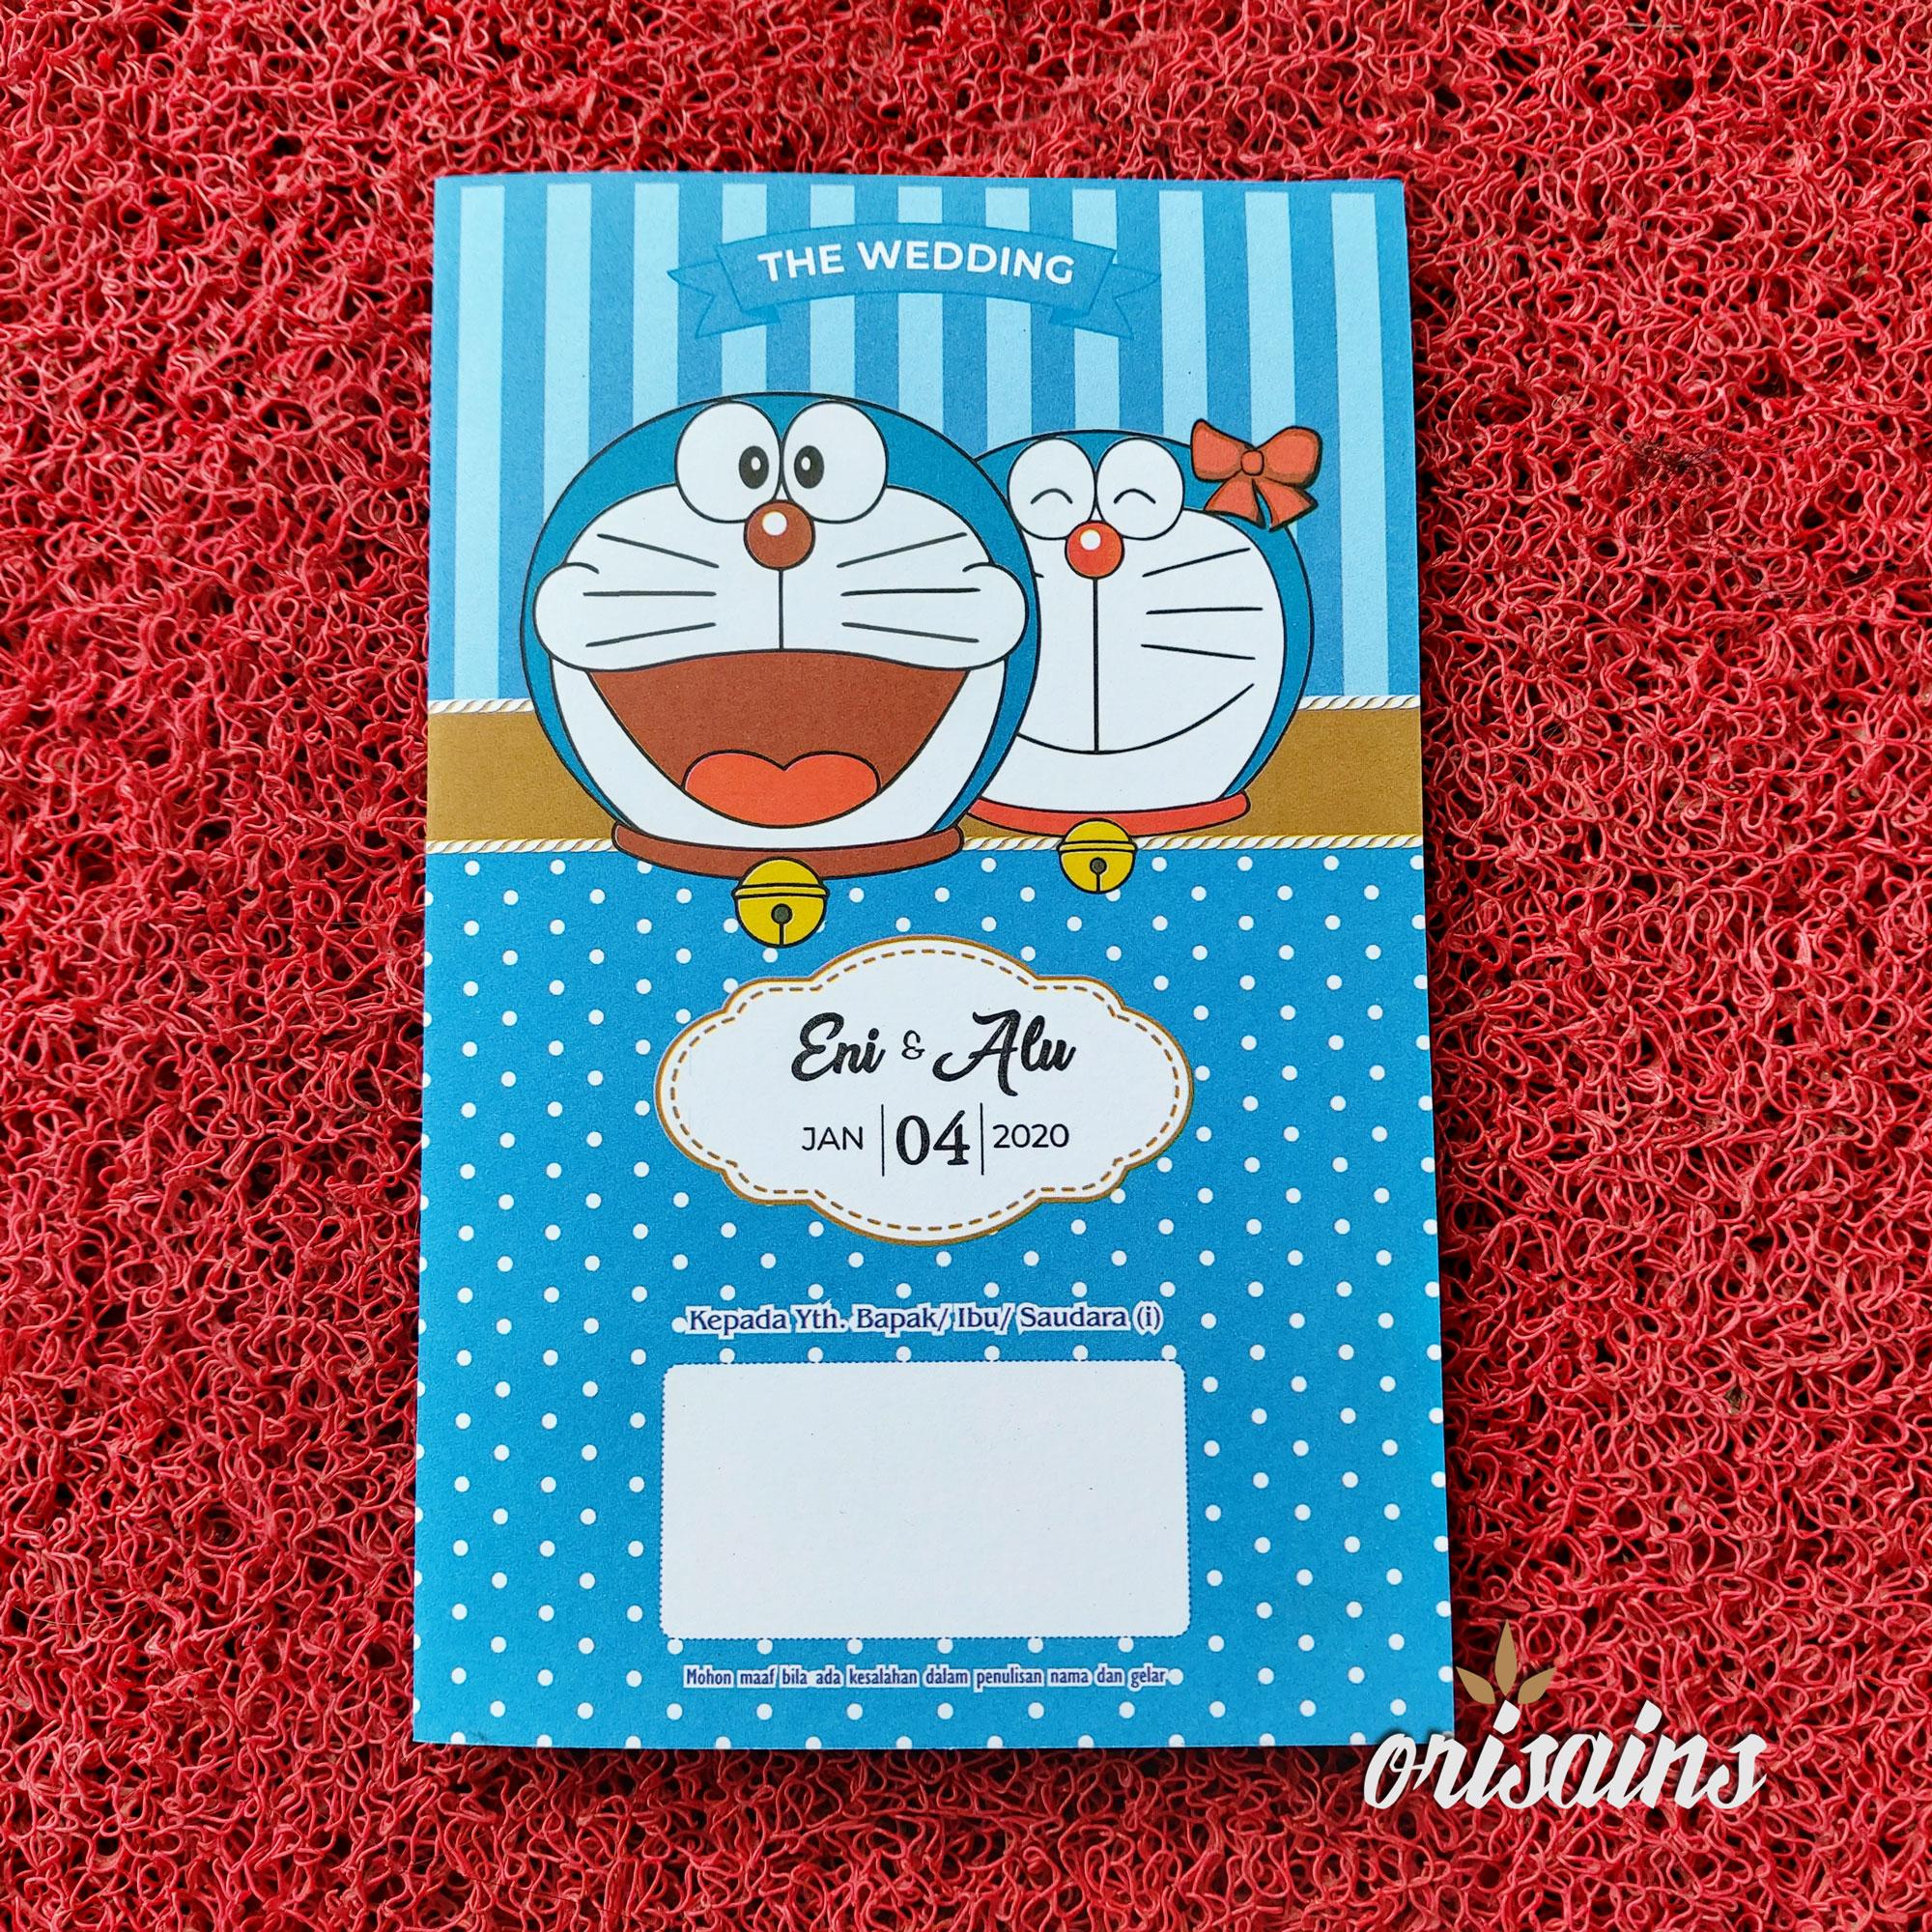 [100 Lembar] Undangan Pernikahan Doraemon Unik Murah Kekinian Nikah Doraemon Min Order 100 Lembar